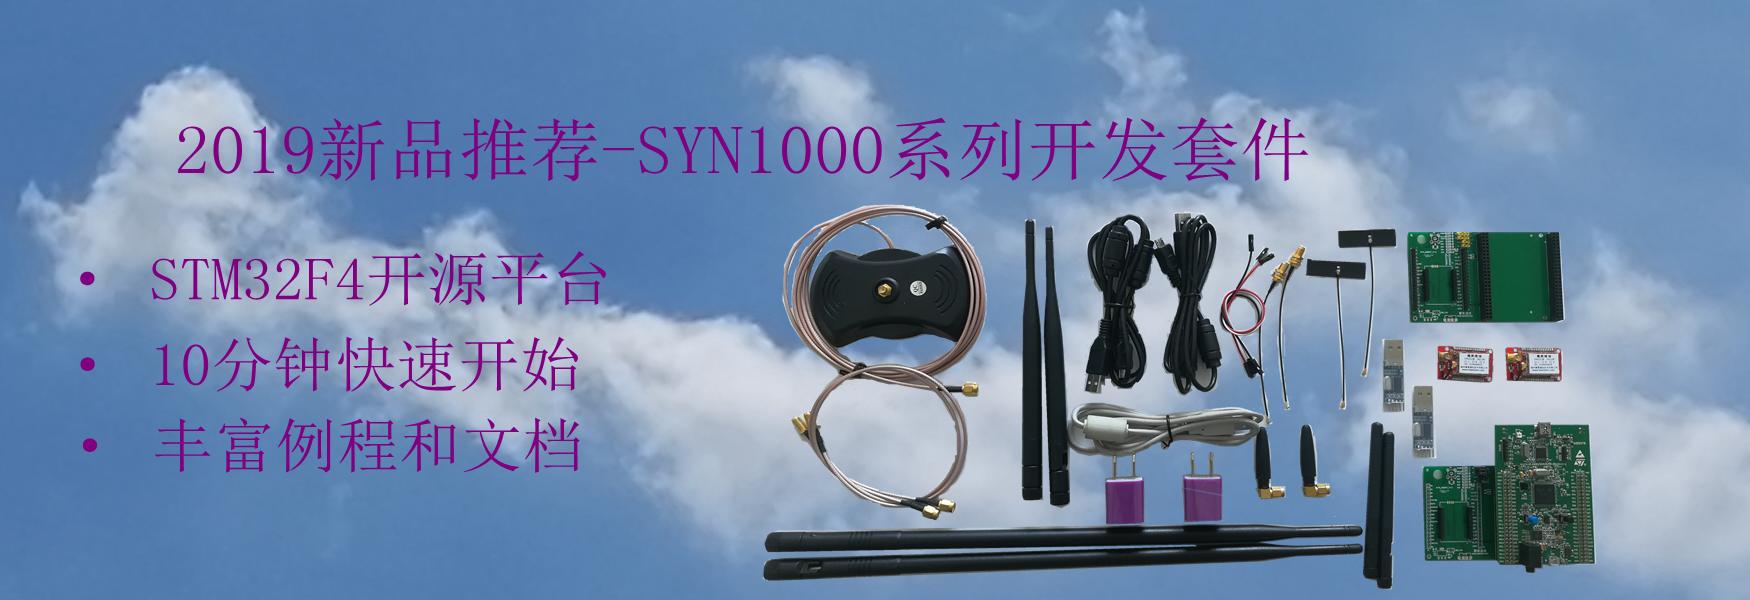 SYN1000开发套件